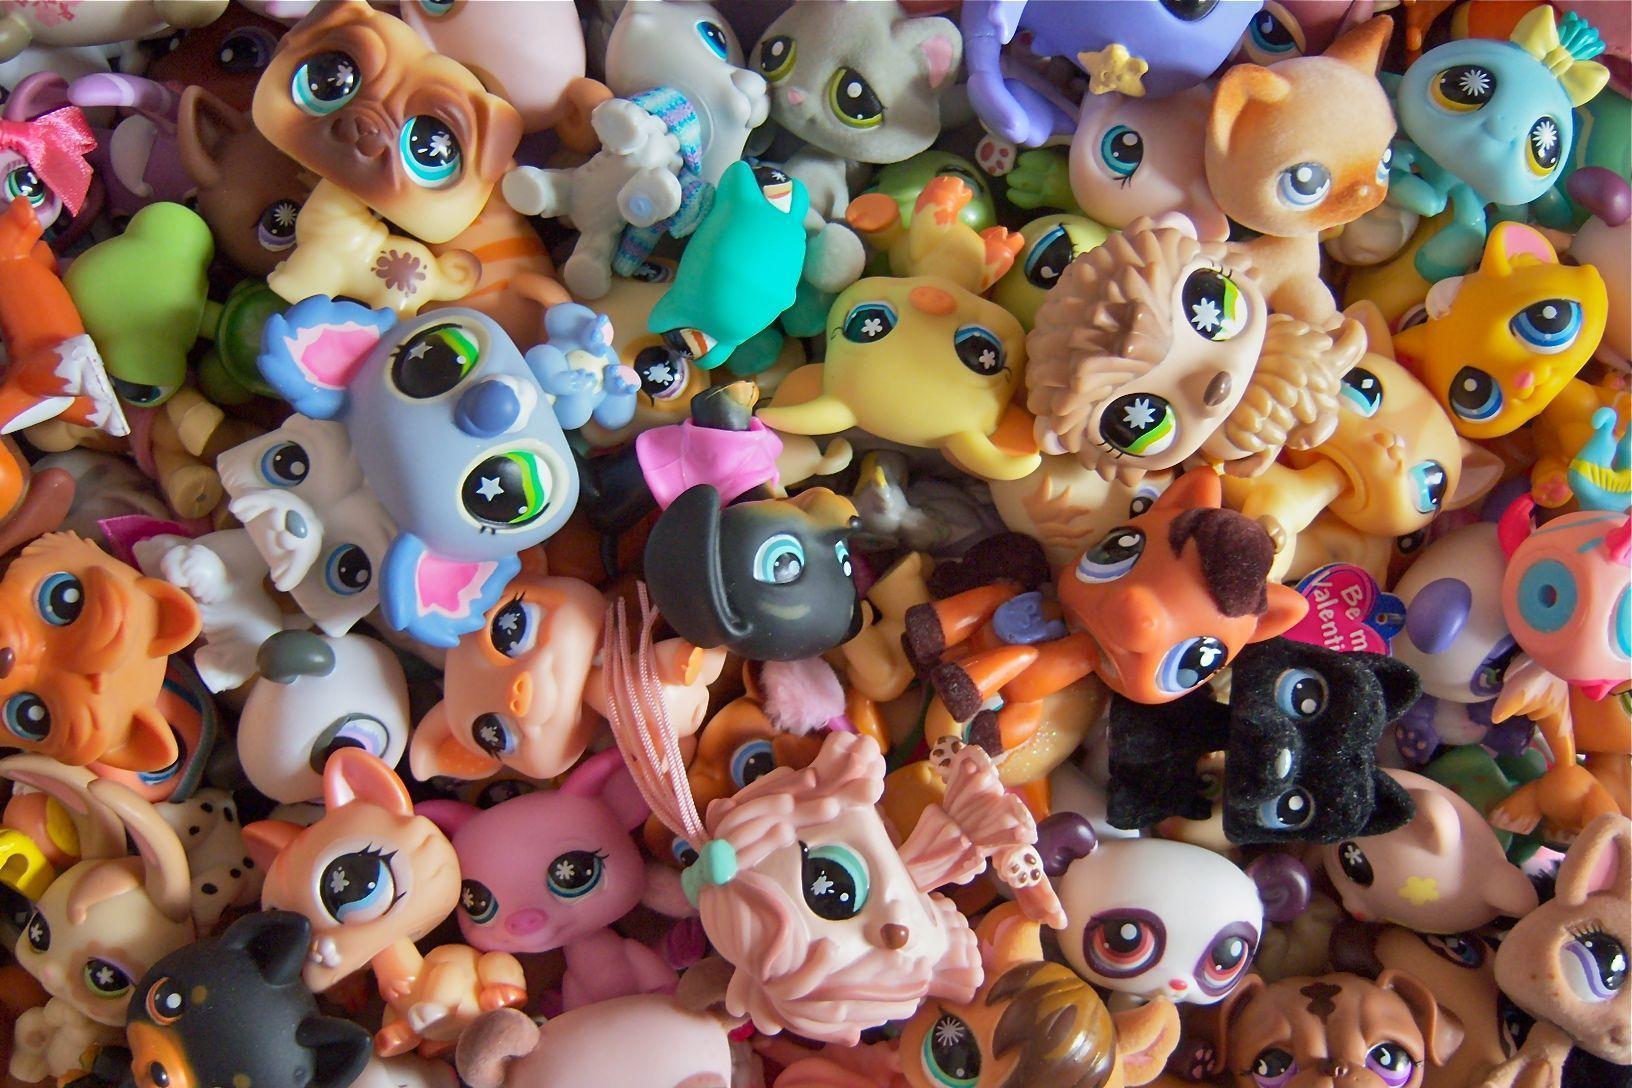 Littlest Pet Shop Wallpapers Wallpaper Cave